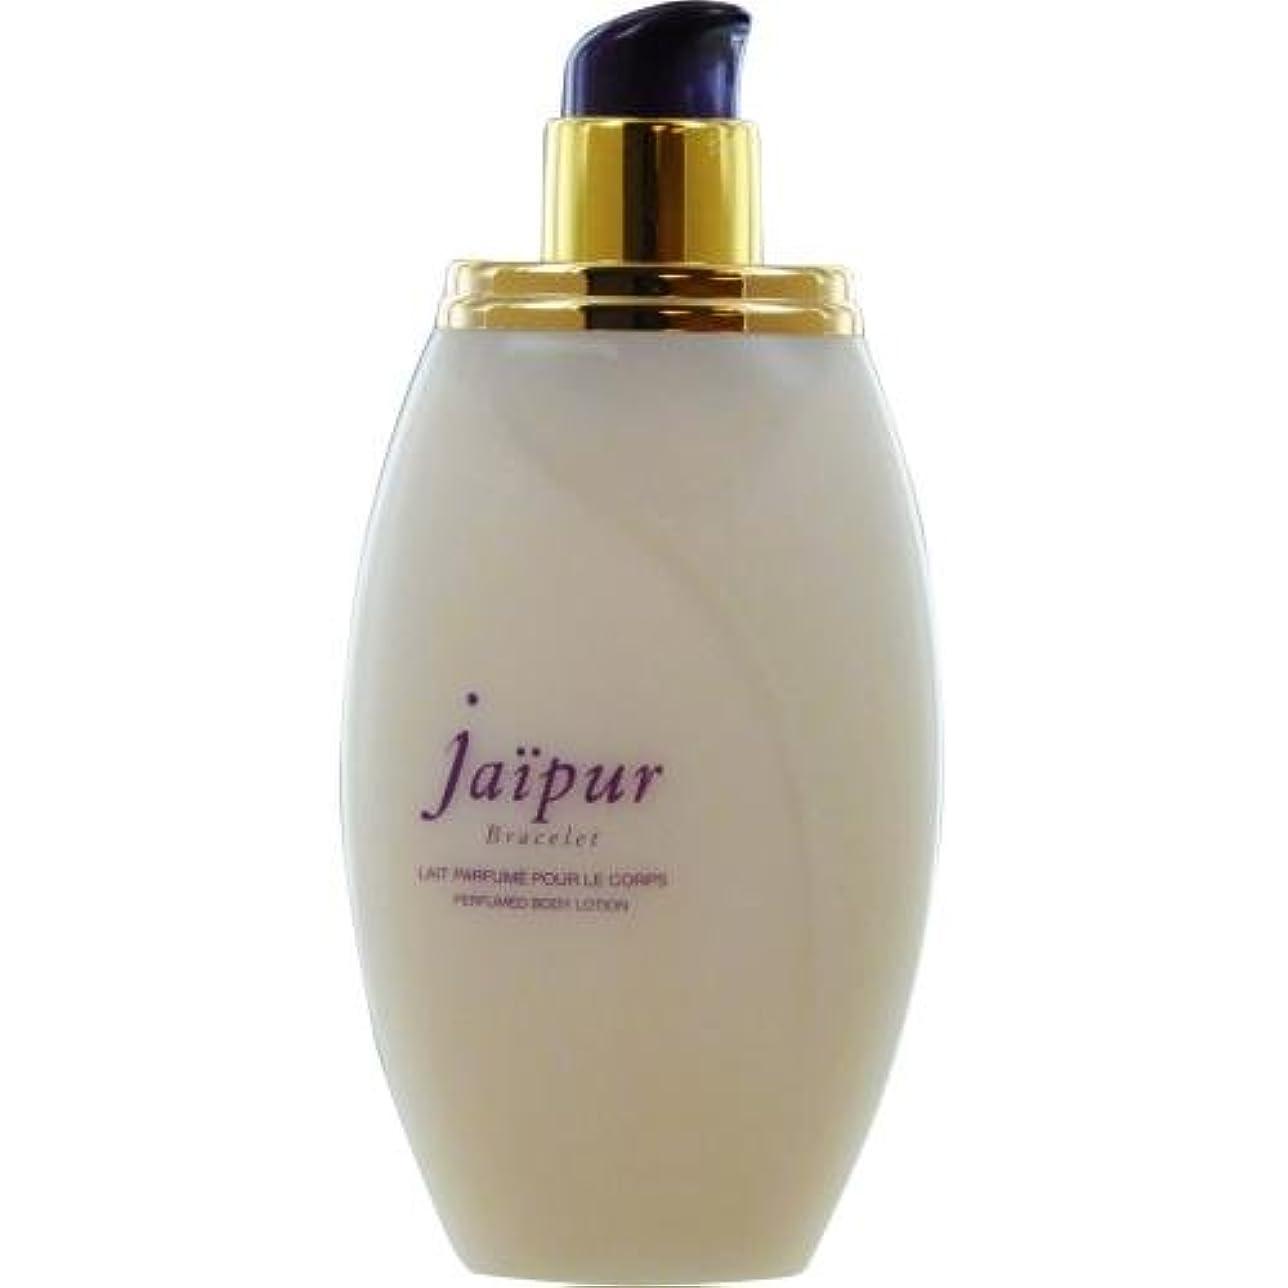 宣教師顕著ユーザーJaipur Bracelet Perfumed Body Lotion